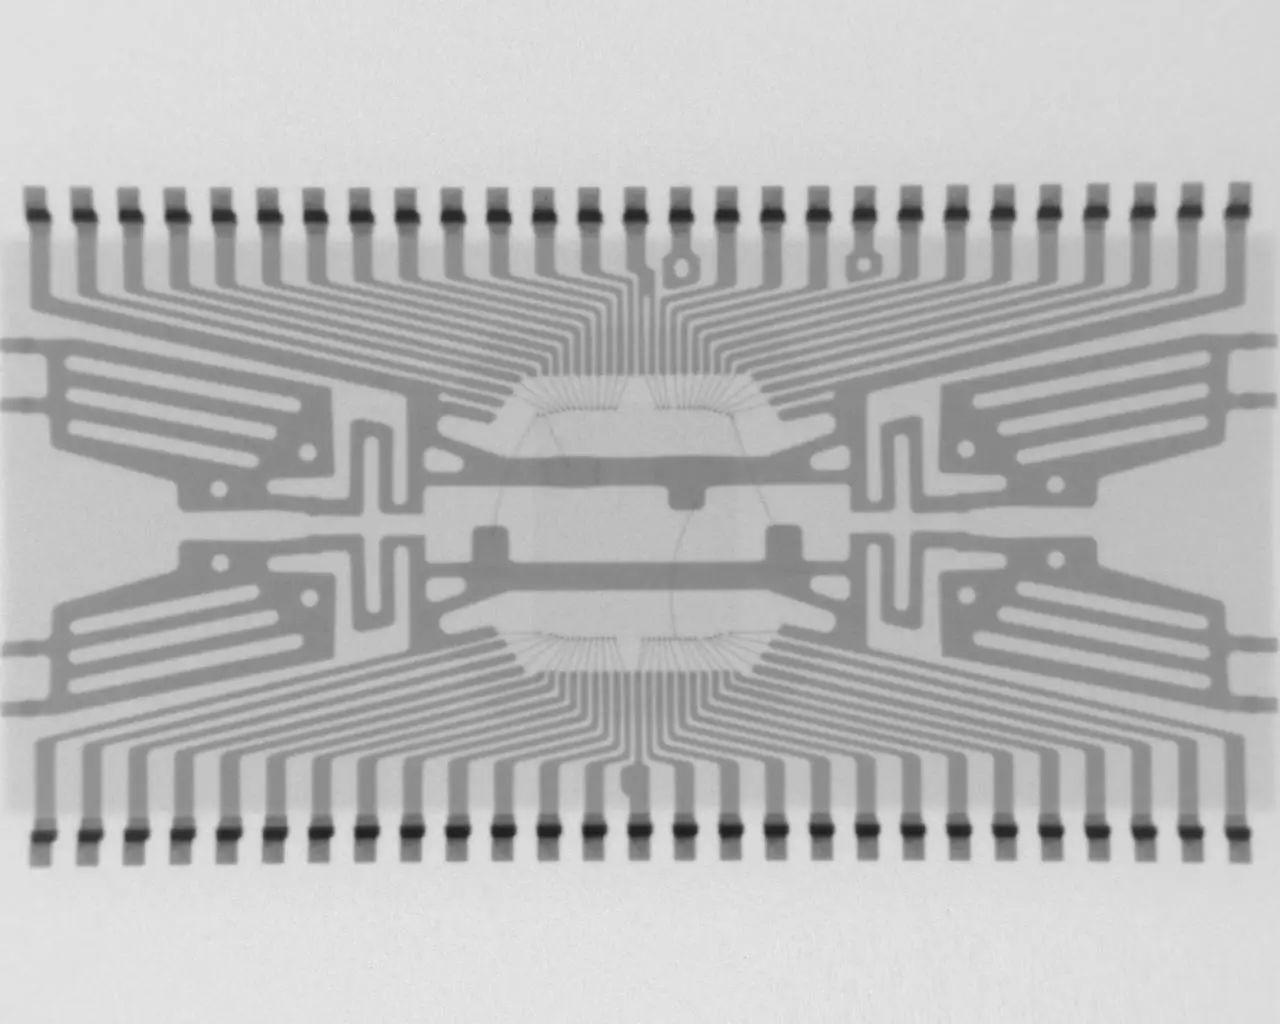 常用的SDRAM芯片在X-RAY下的景象